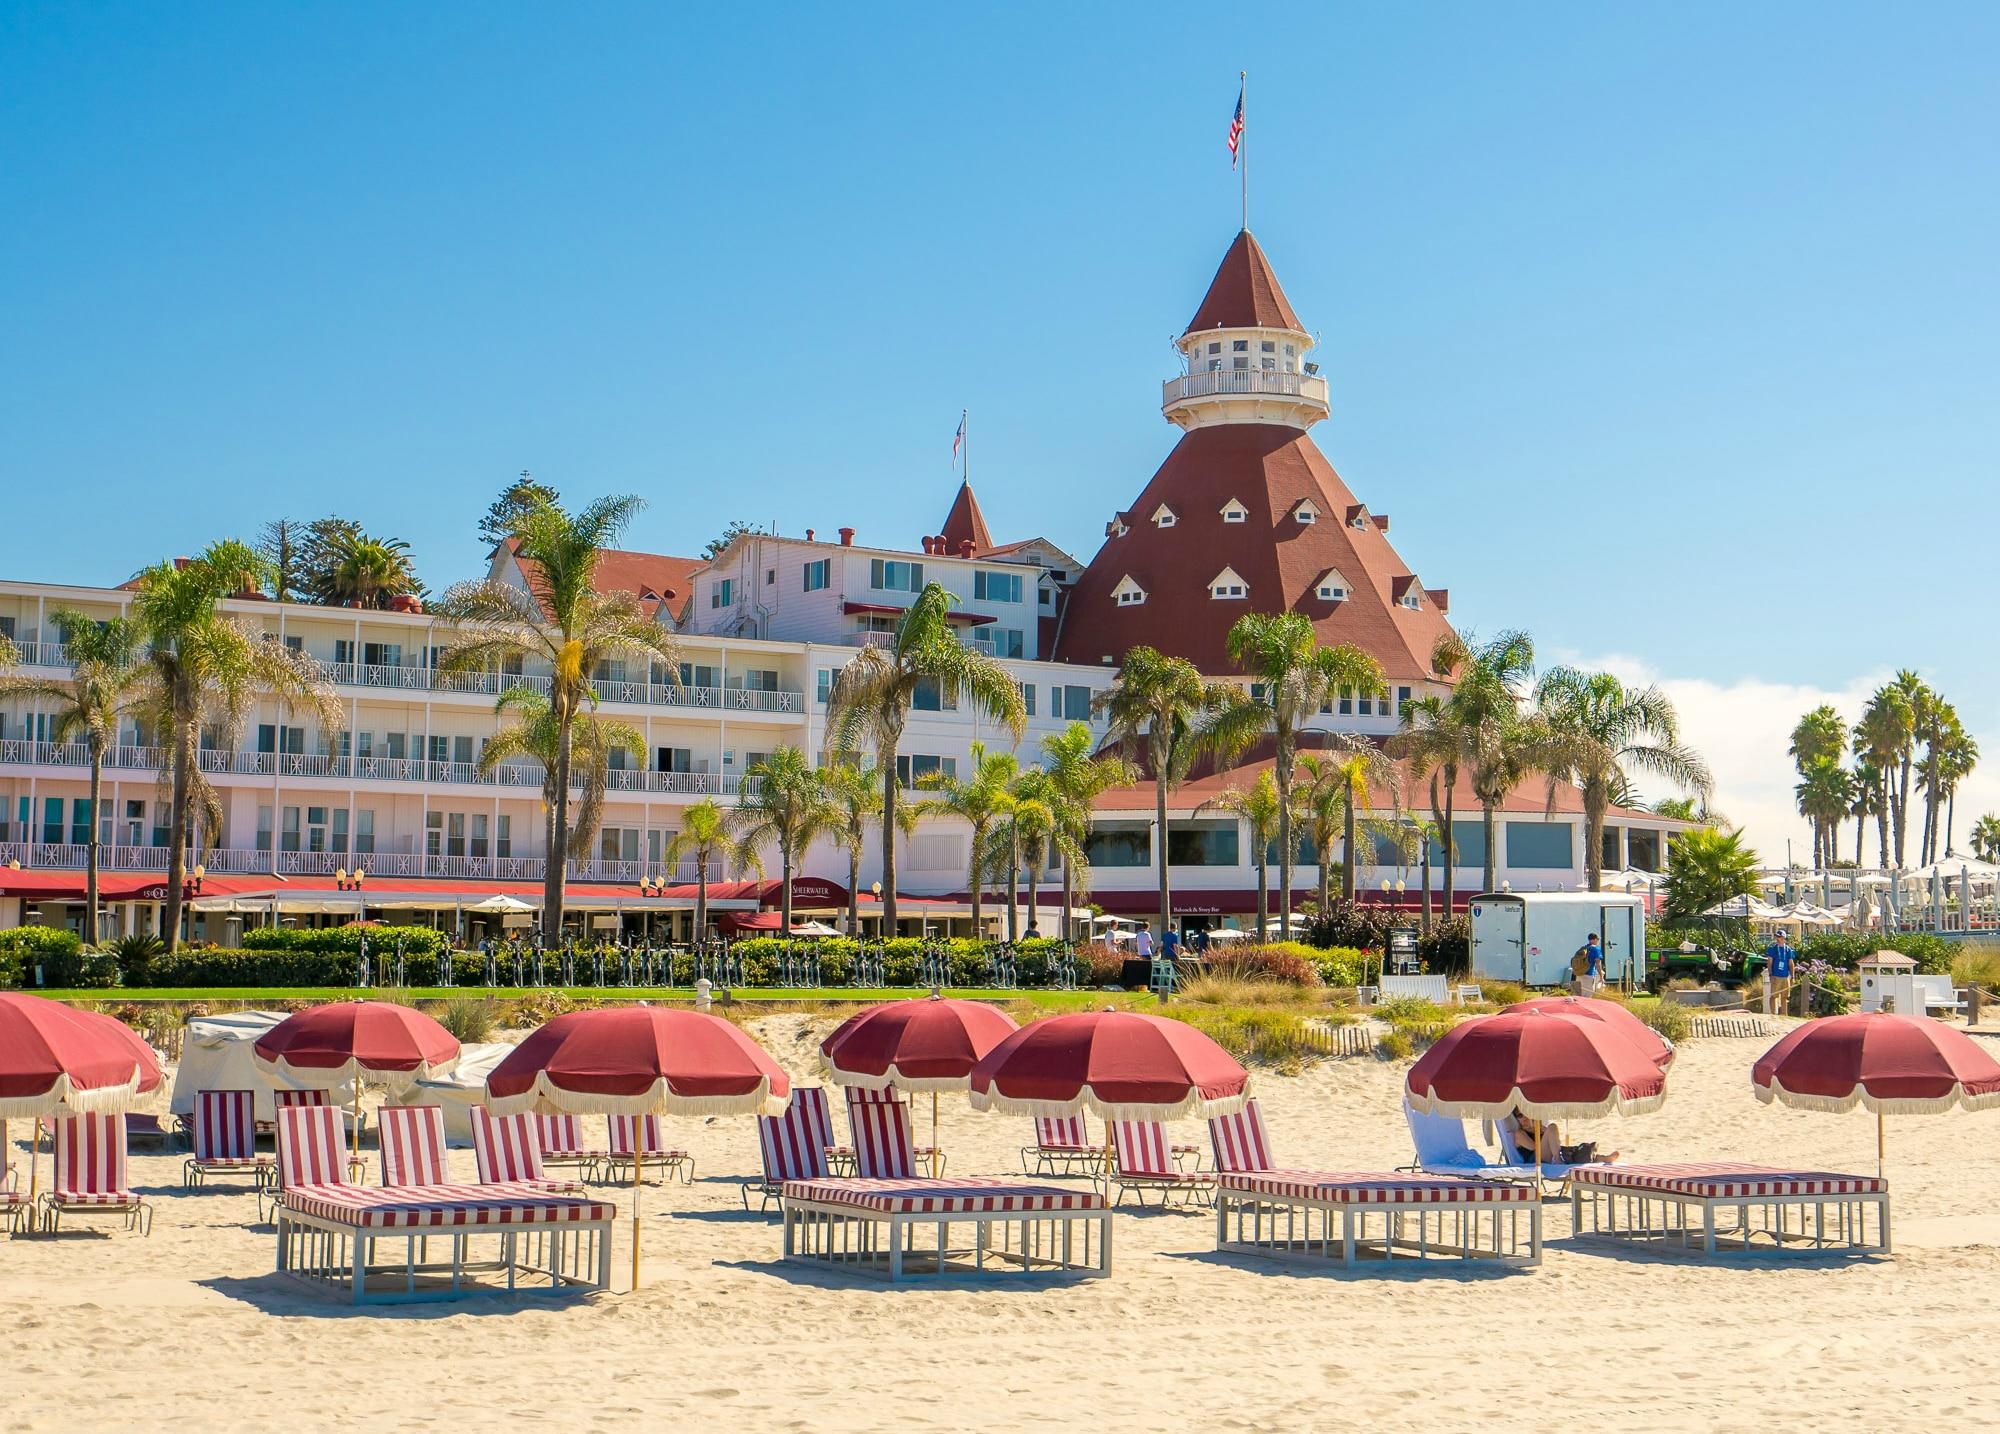 Hotel Del Coronado A Very Detailed